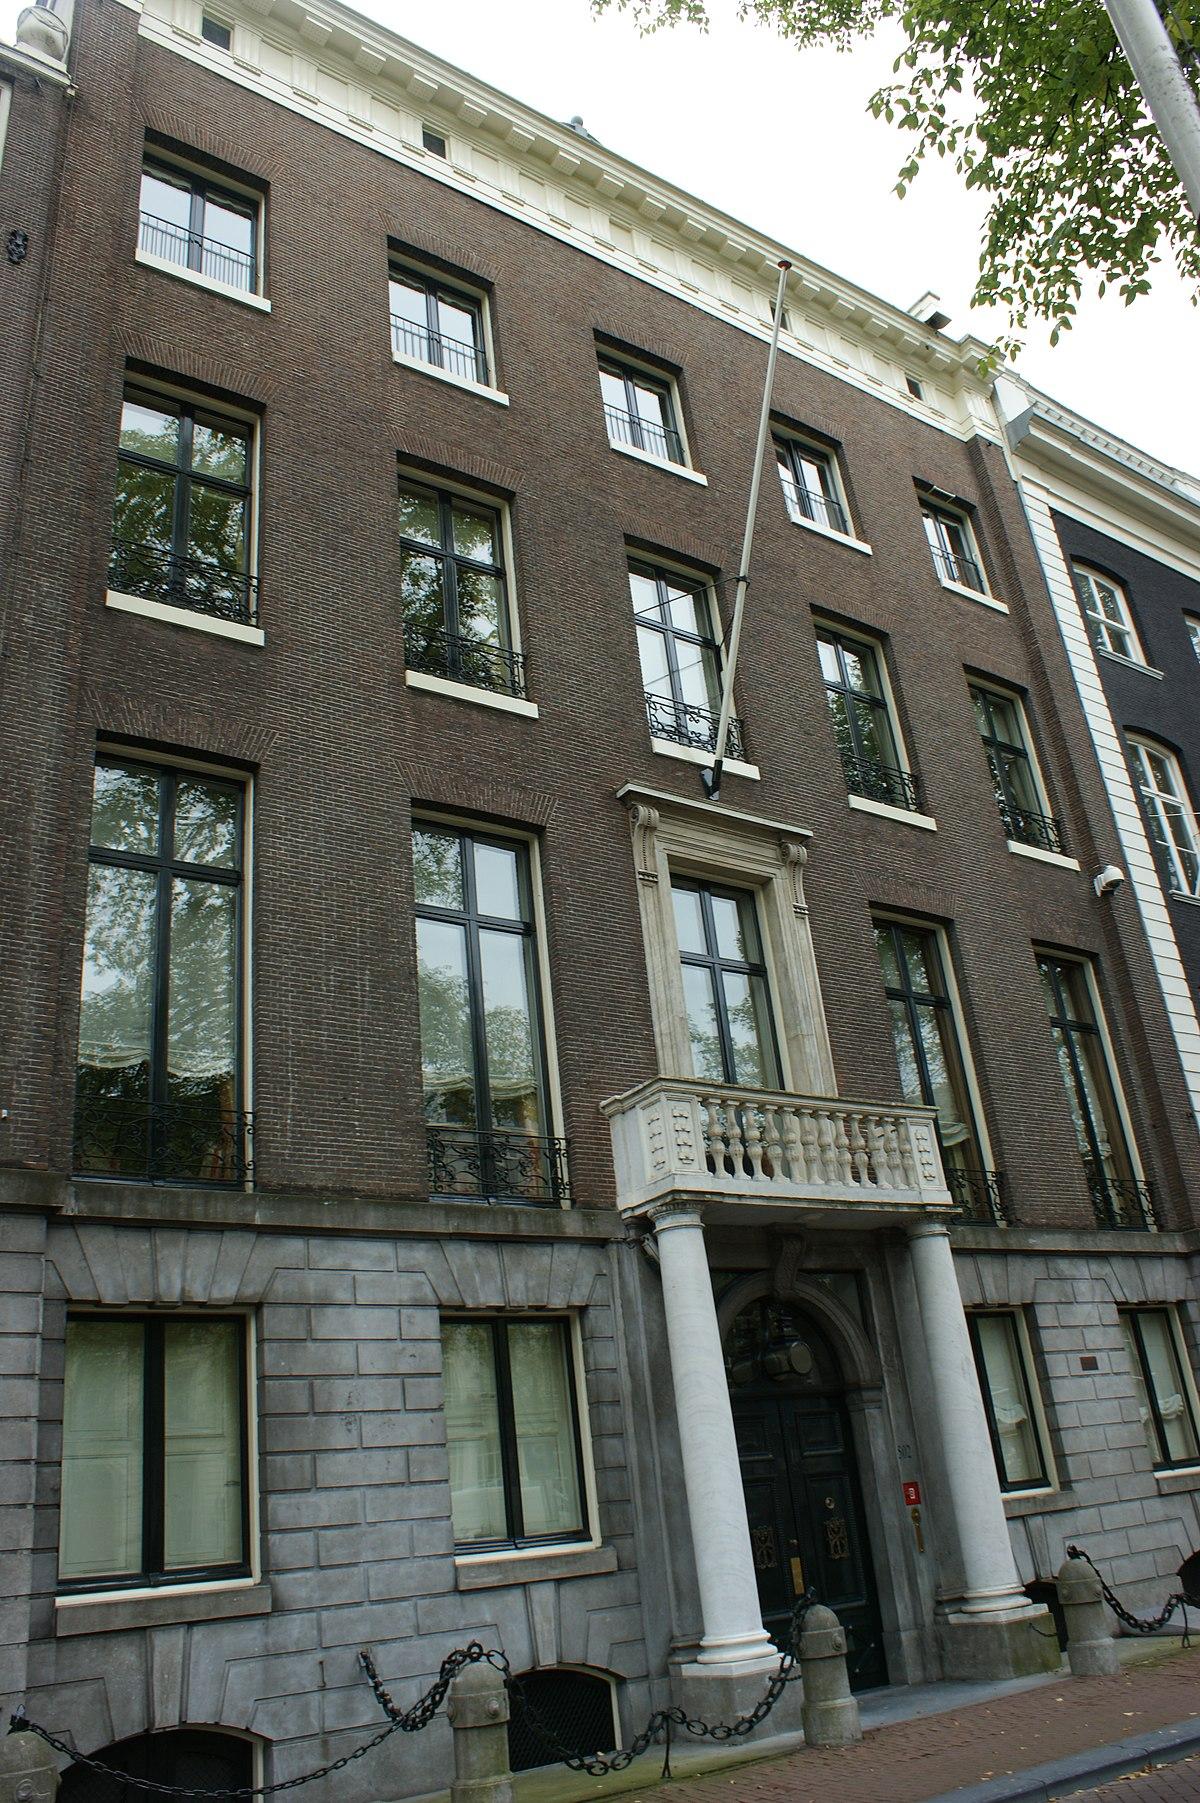 Huis met de kolommen wikipedia for Herengracht amsterdam